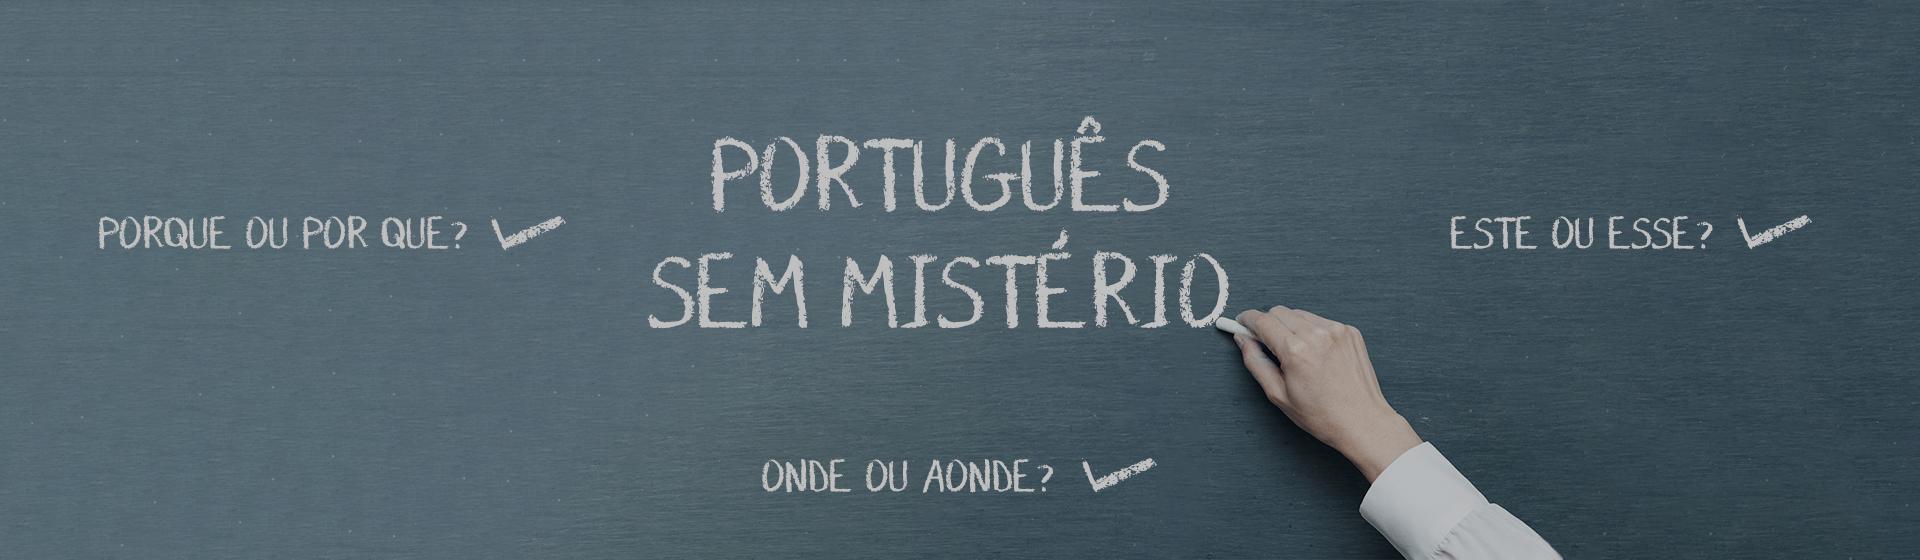 Portugues%2bsem%2bmisterio%2bv4